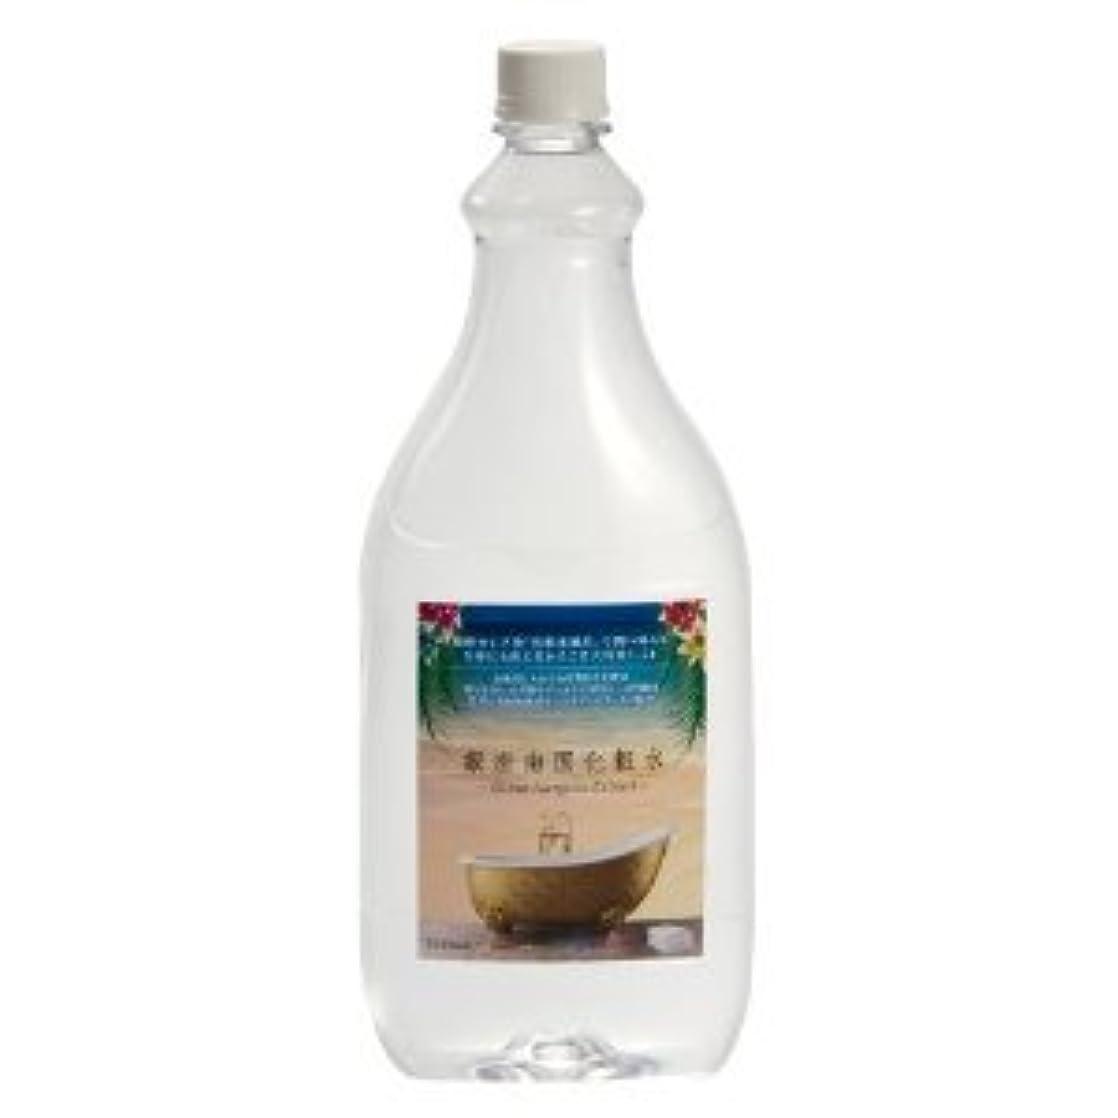 スプリットコンセンサス嫌がらせ銀座南国化粧水 (1000ml) スプレーボトル付きセット